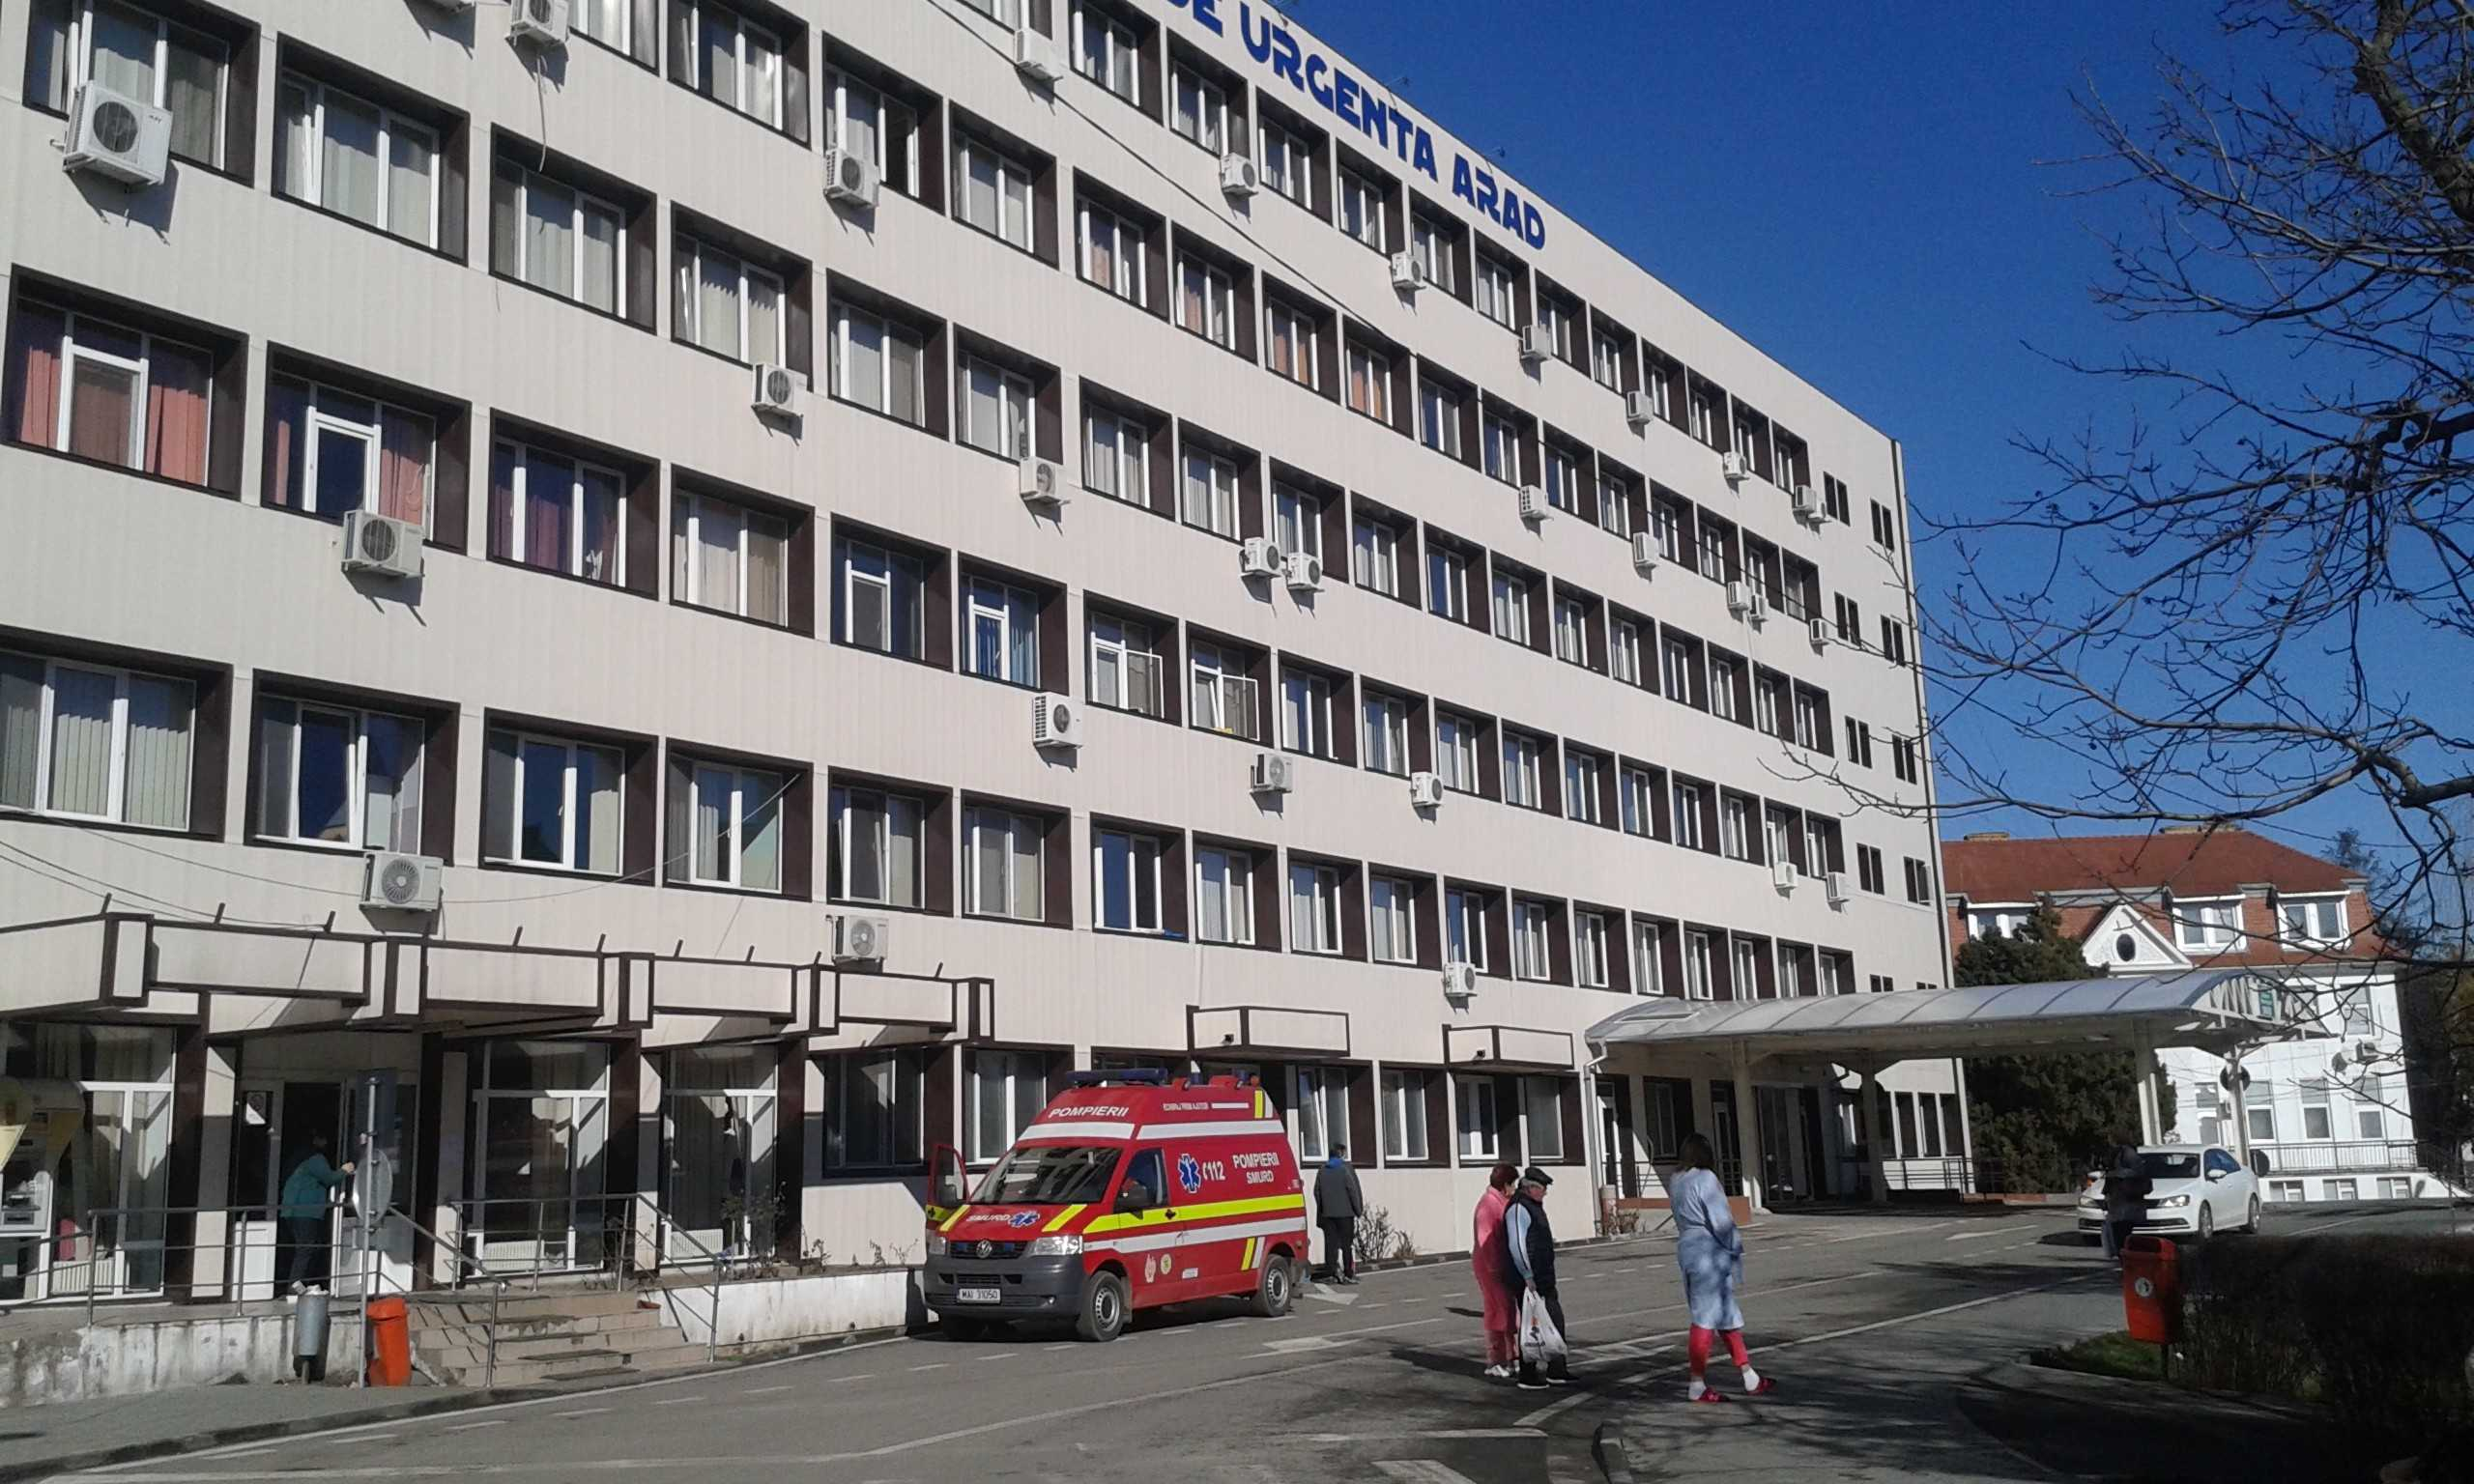 START în forță: 16 pacienți tratați în patru zile în Laboratorul de Cardiologie Intervențională de la Spitalul Județean